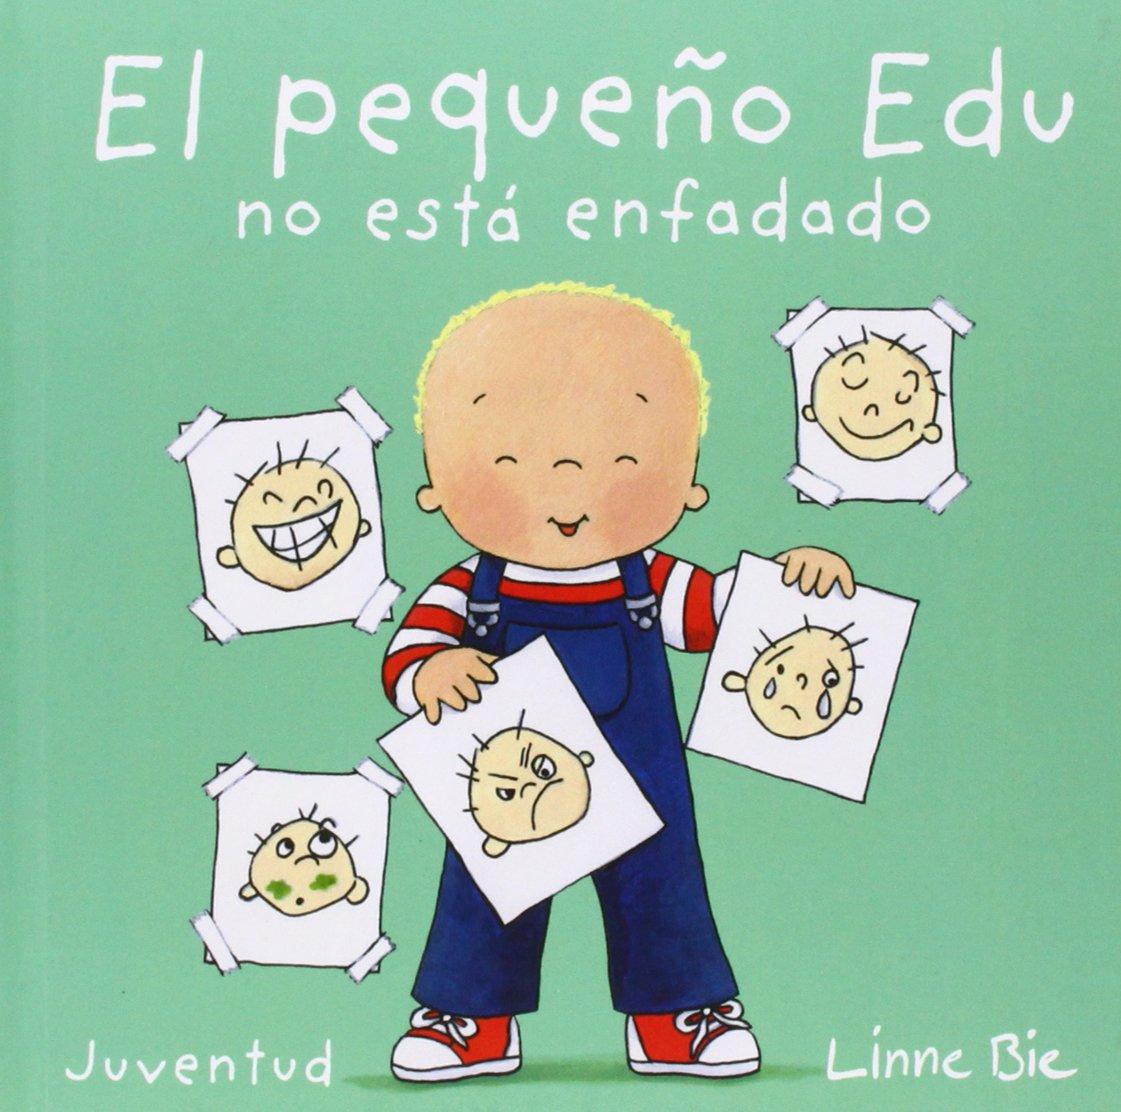 Libros infantiles para enseñarle inteligencia emocional